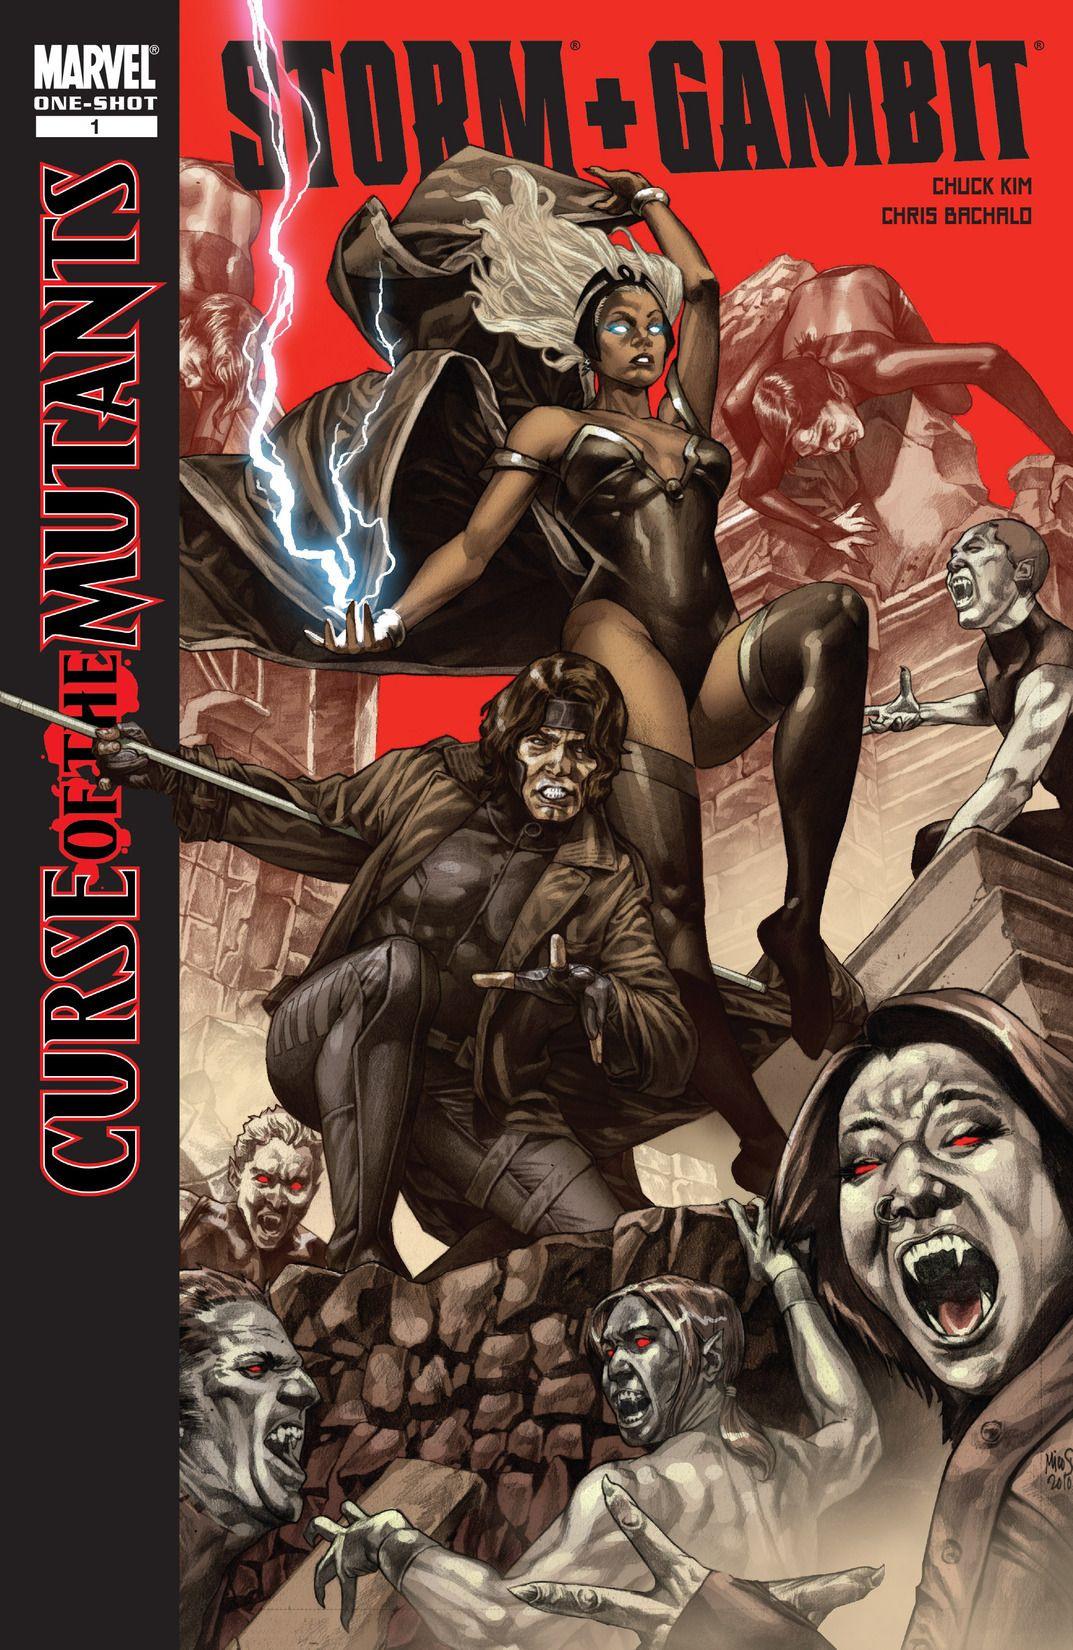 X-Men: Curse of the Mutants - Storm & Gambit Vol 1 1